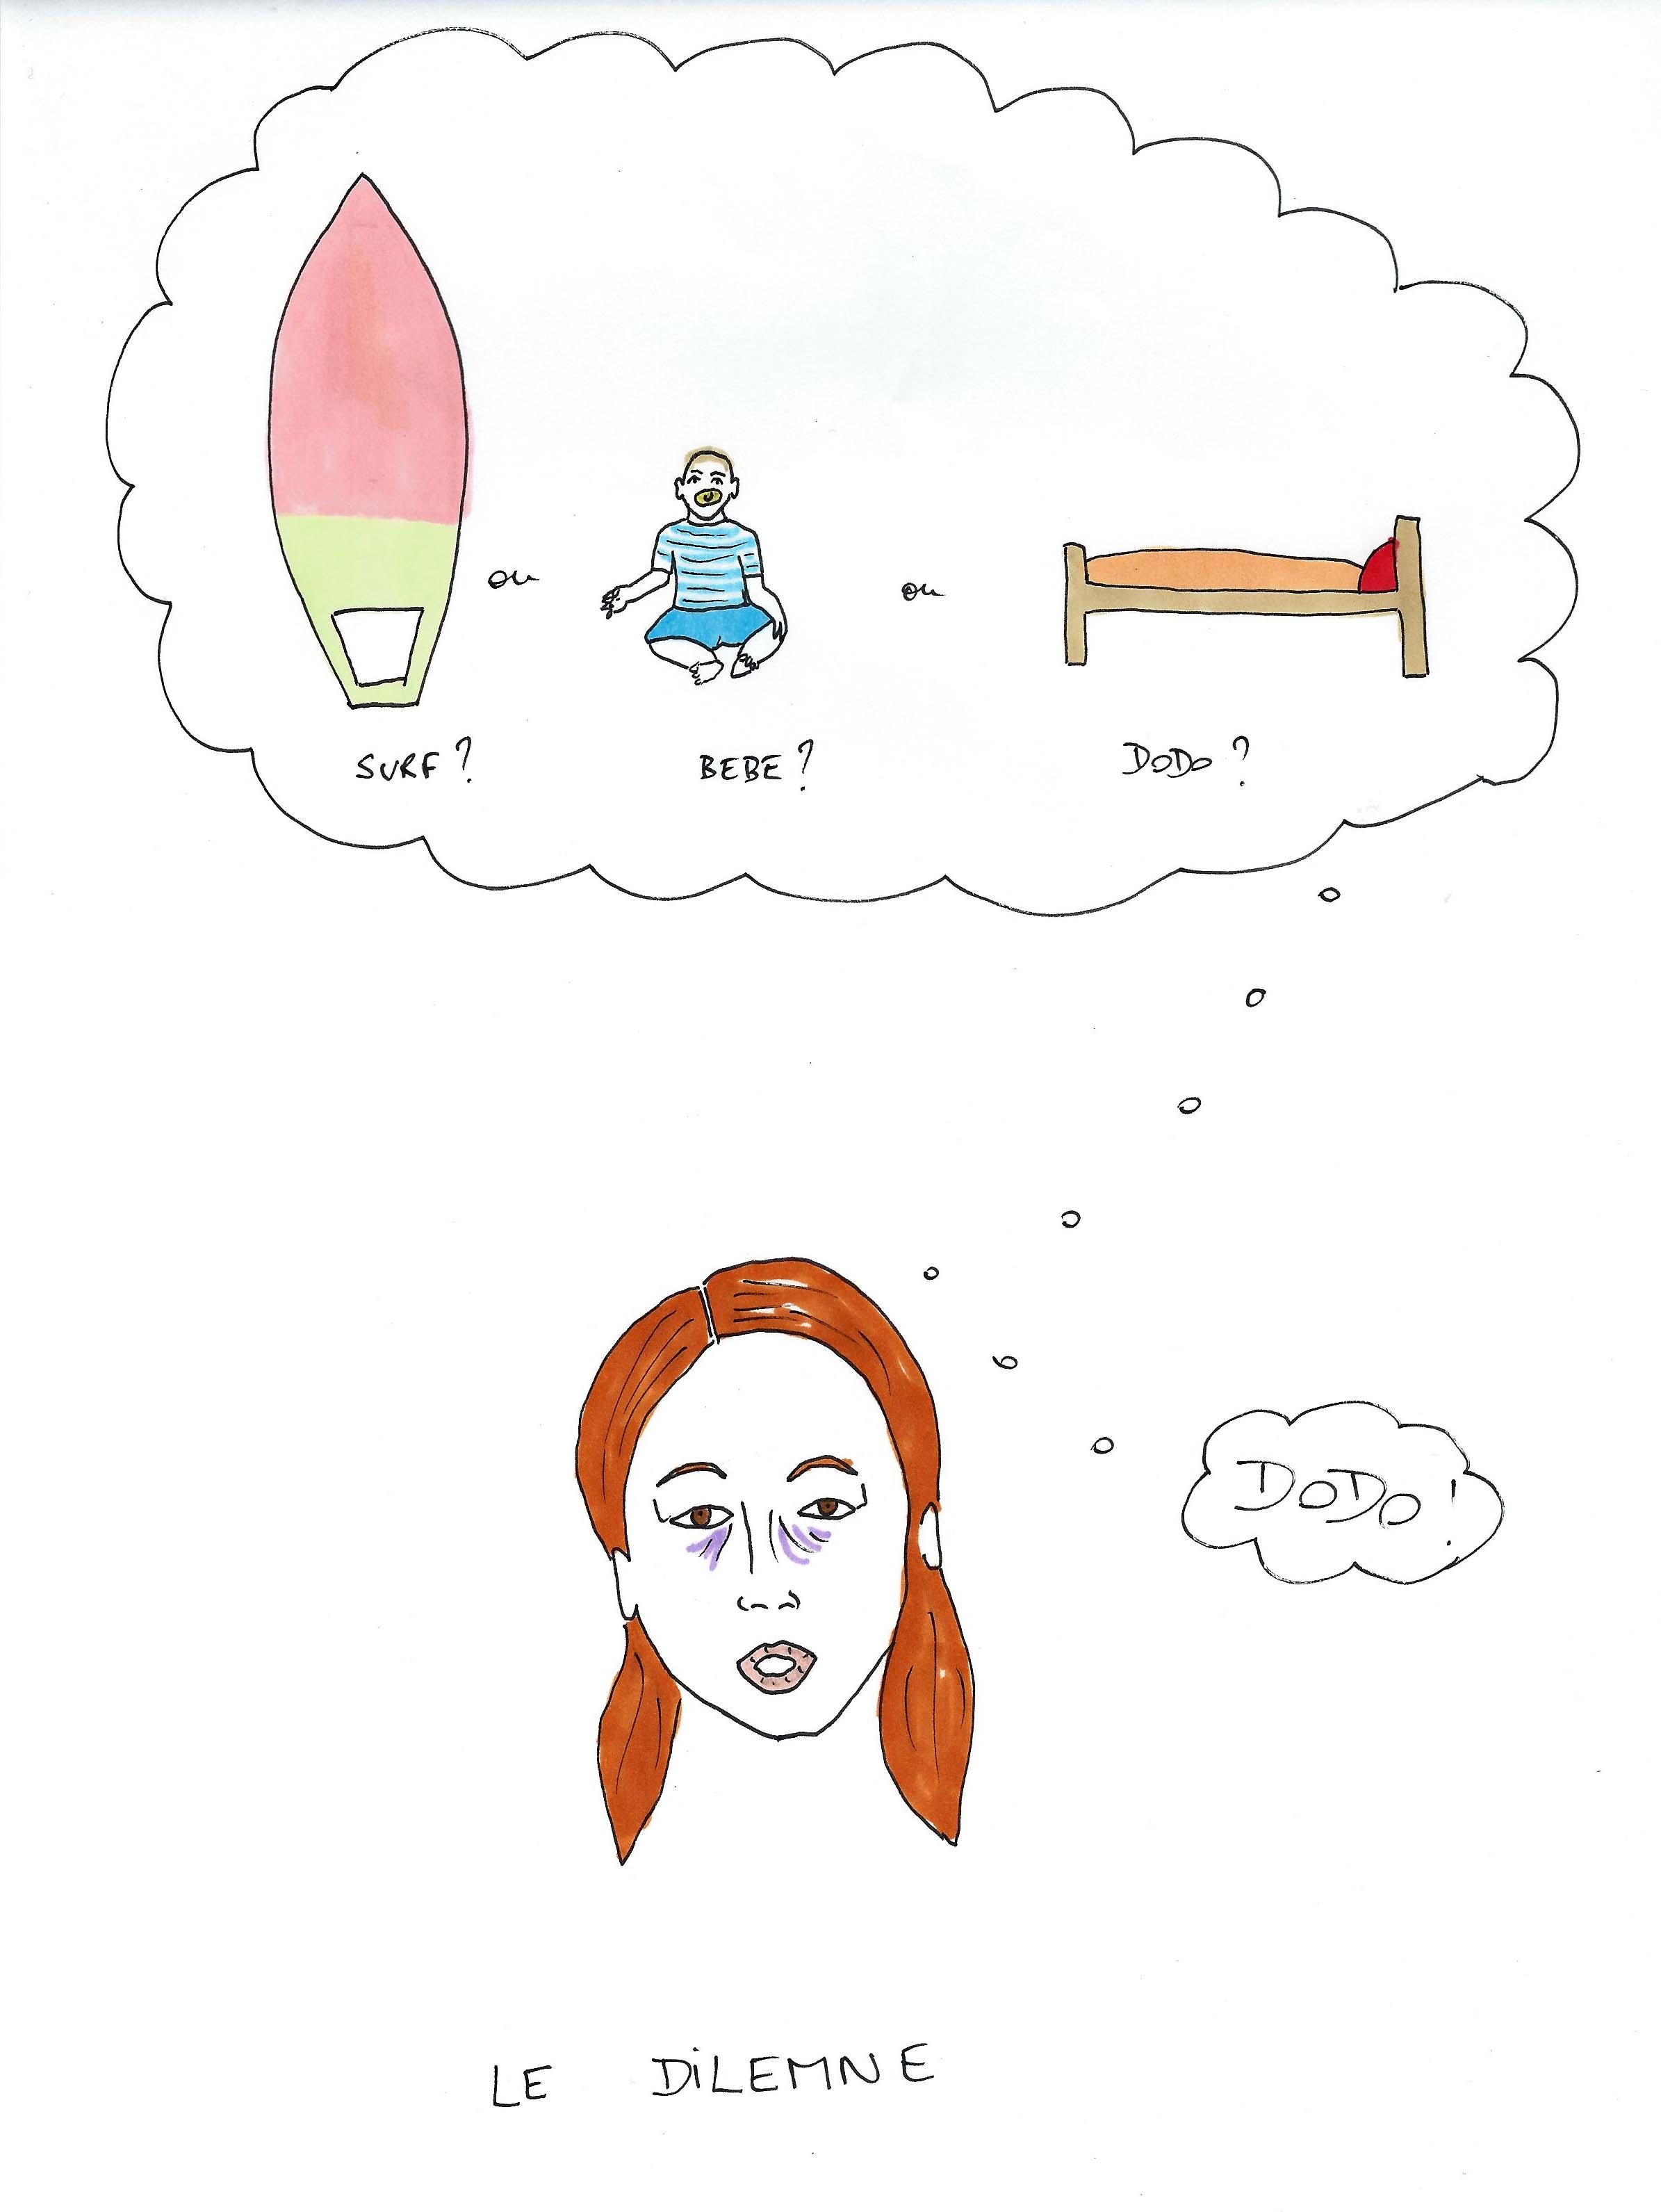 Le dilemme d'une maman surfeuse